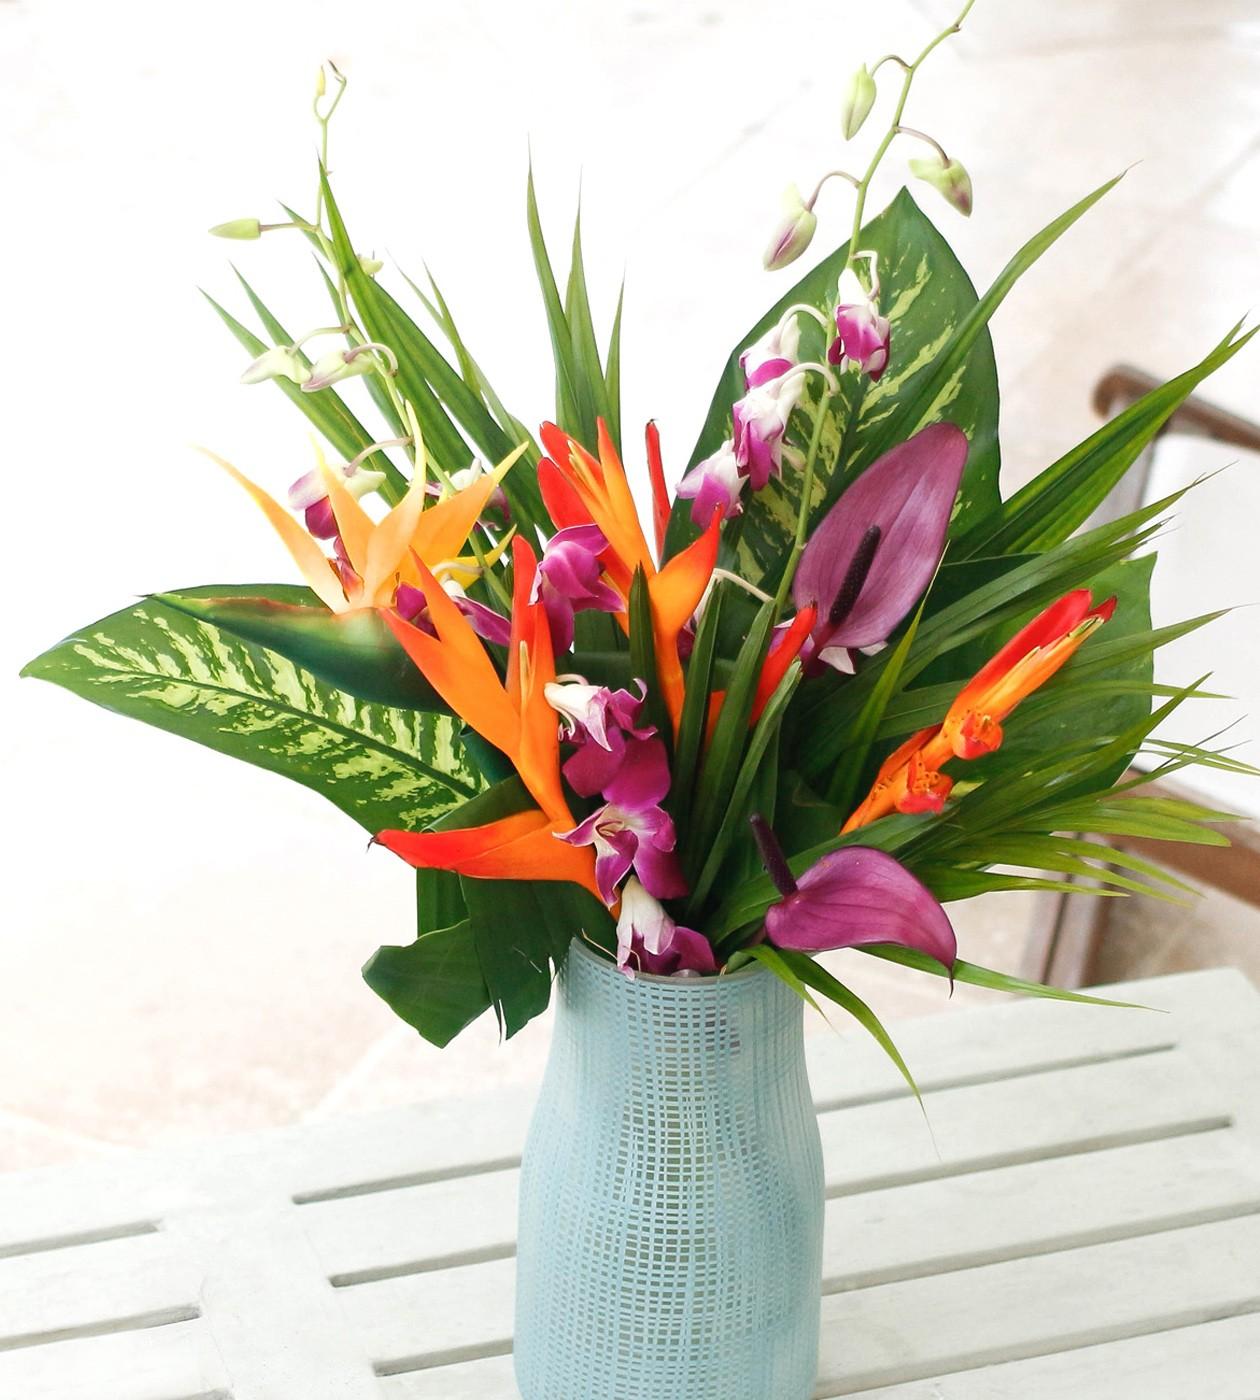 Les plus beaux bouquets de fleurs du monde fashion designs for Bouquet de fleurs livraison